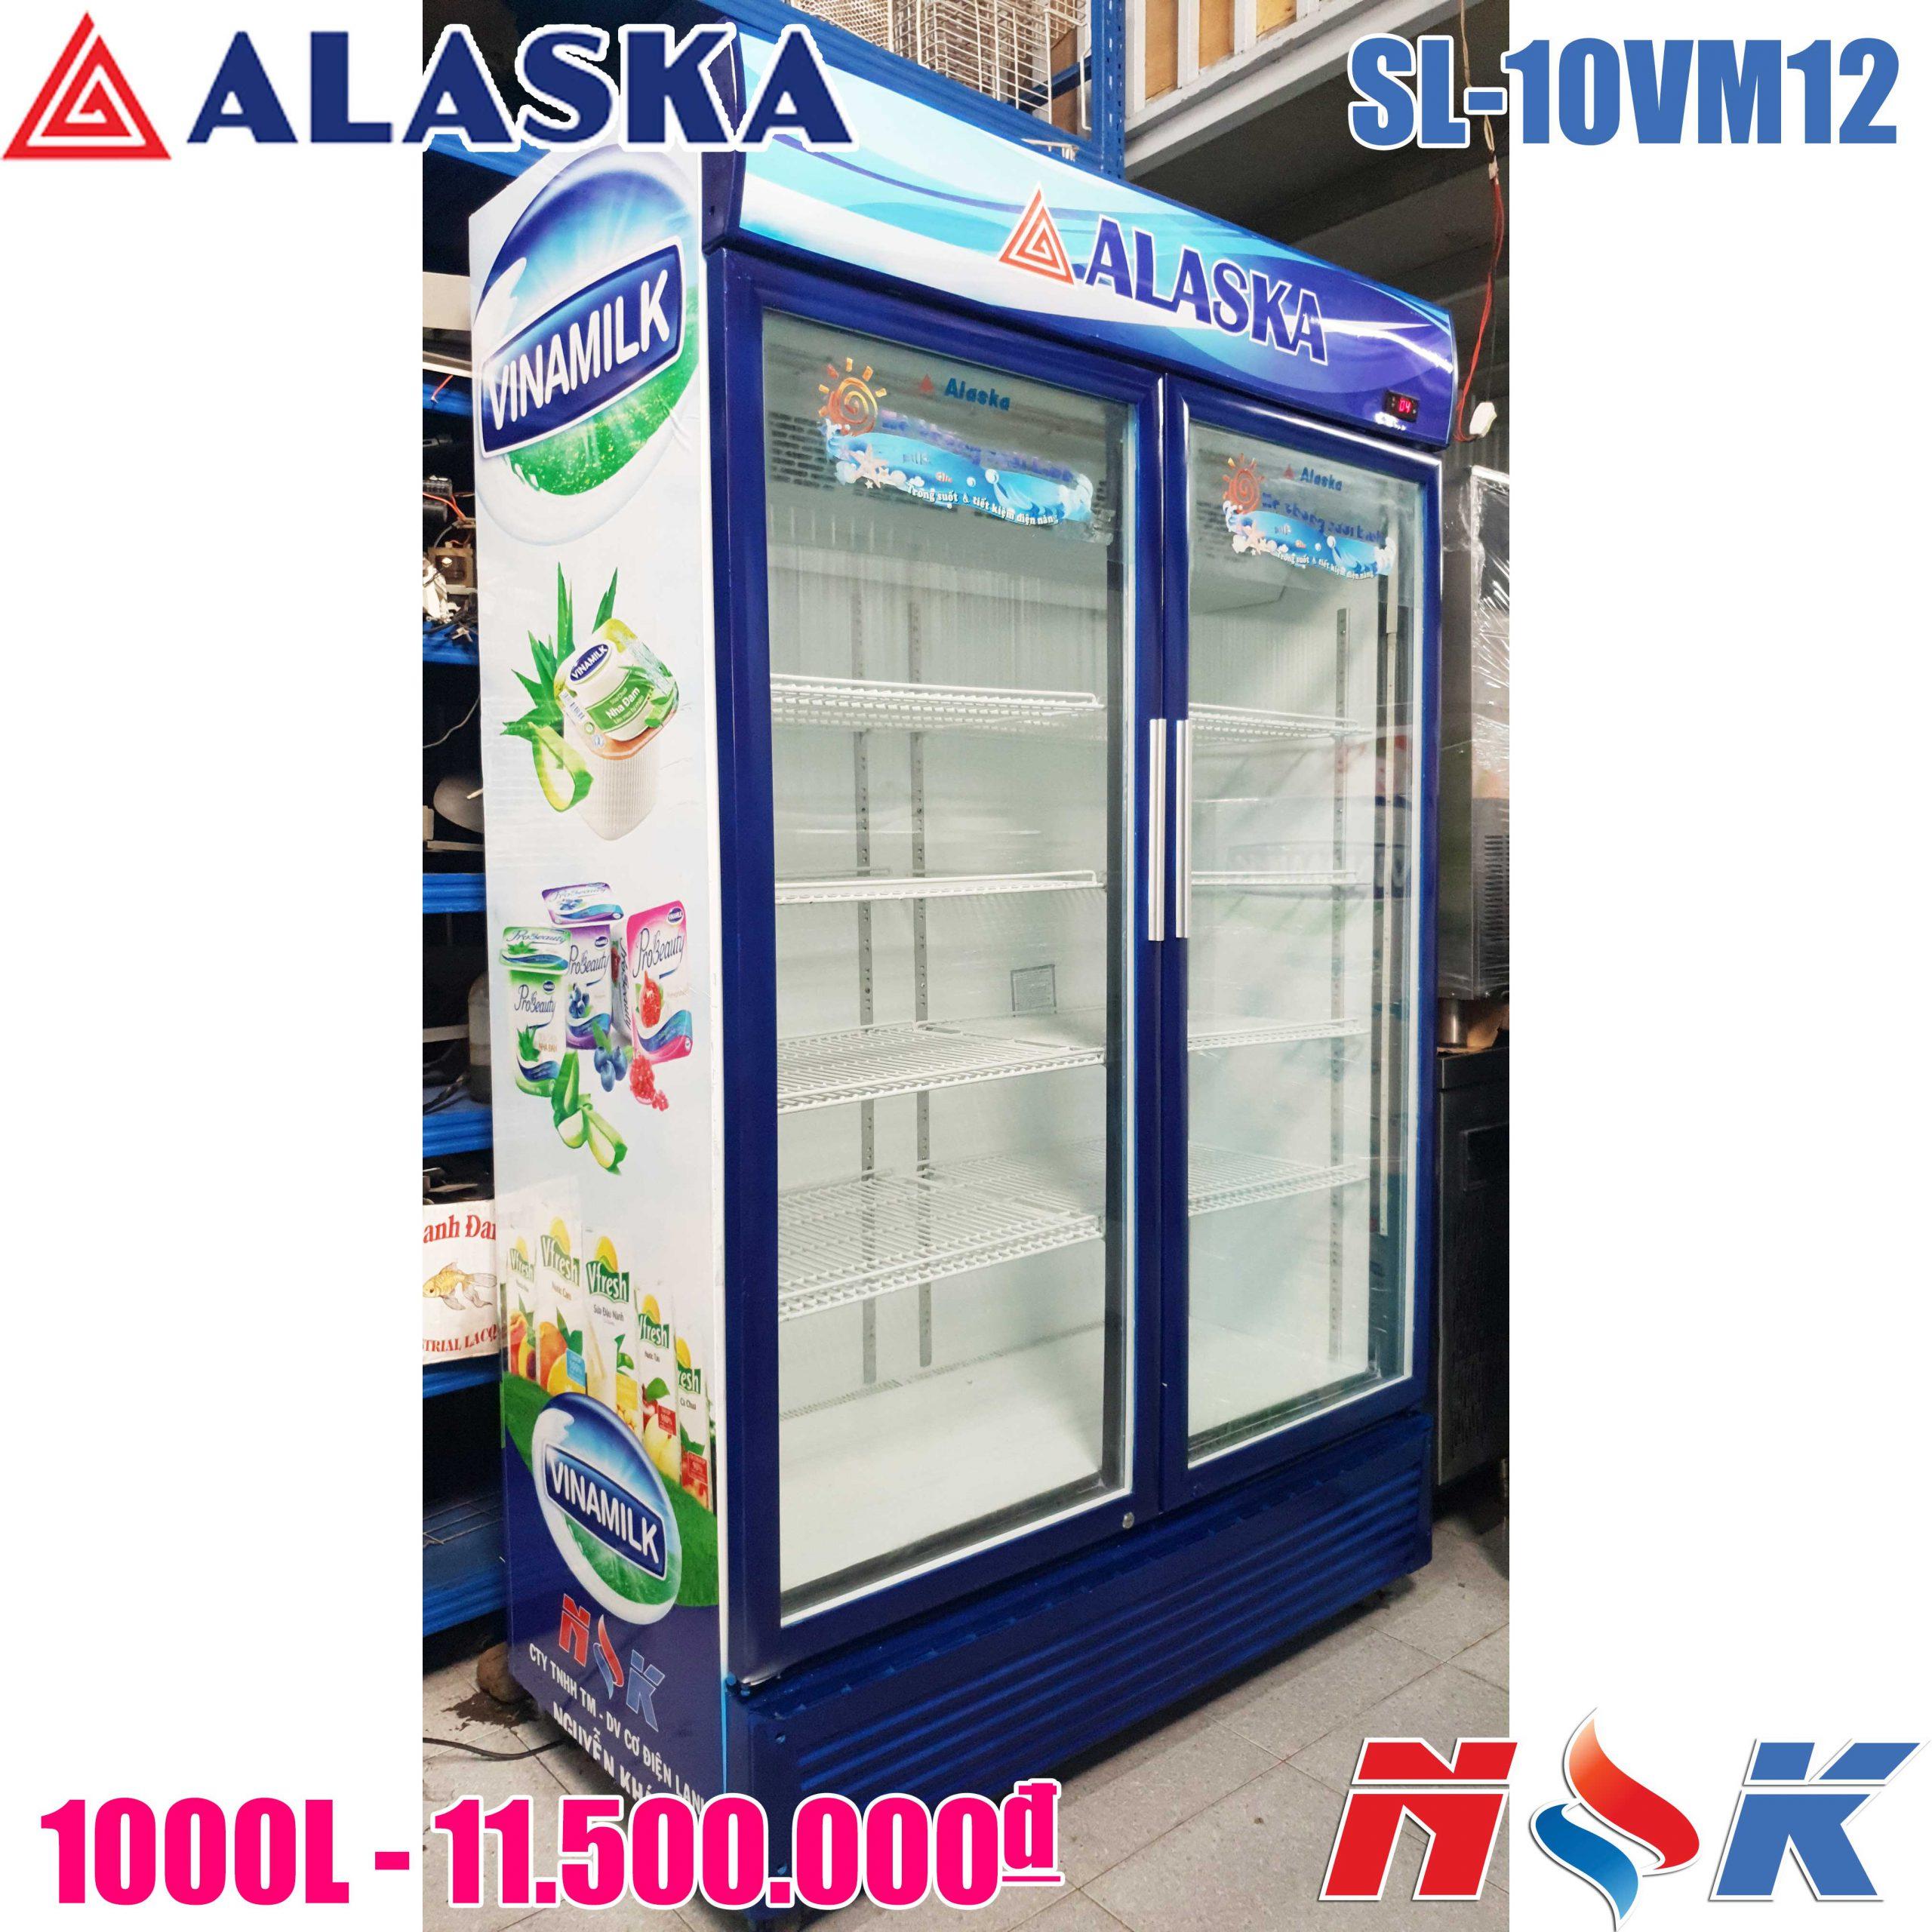 Tủ mát Vinamilk Alaska SL-10VM12 1000 lít